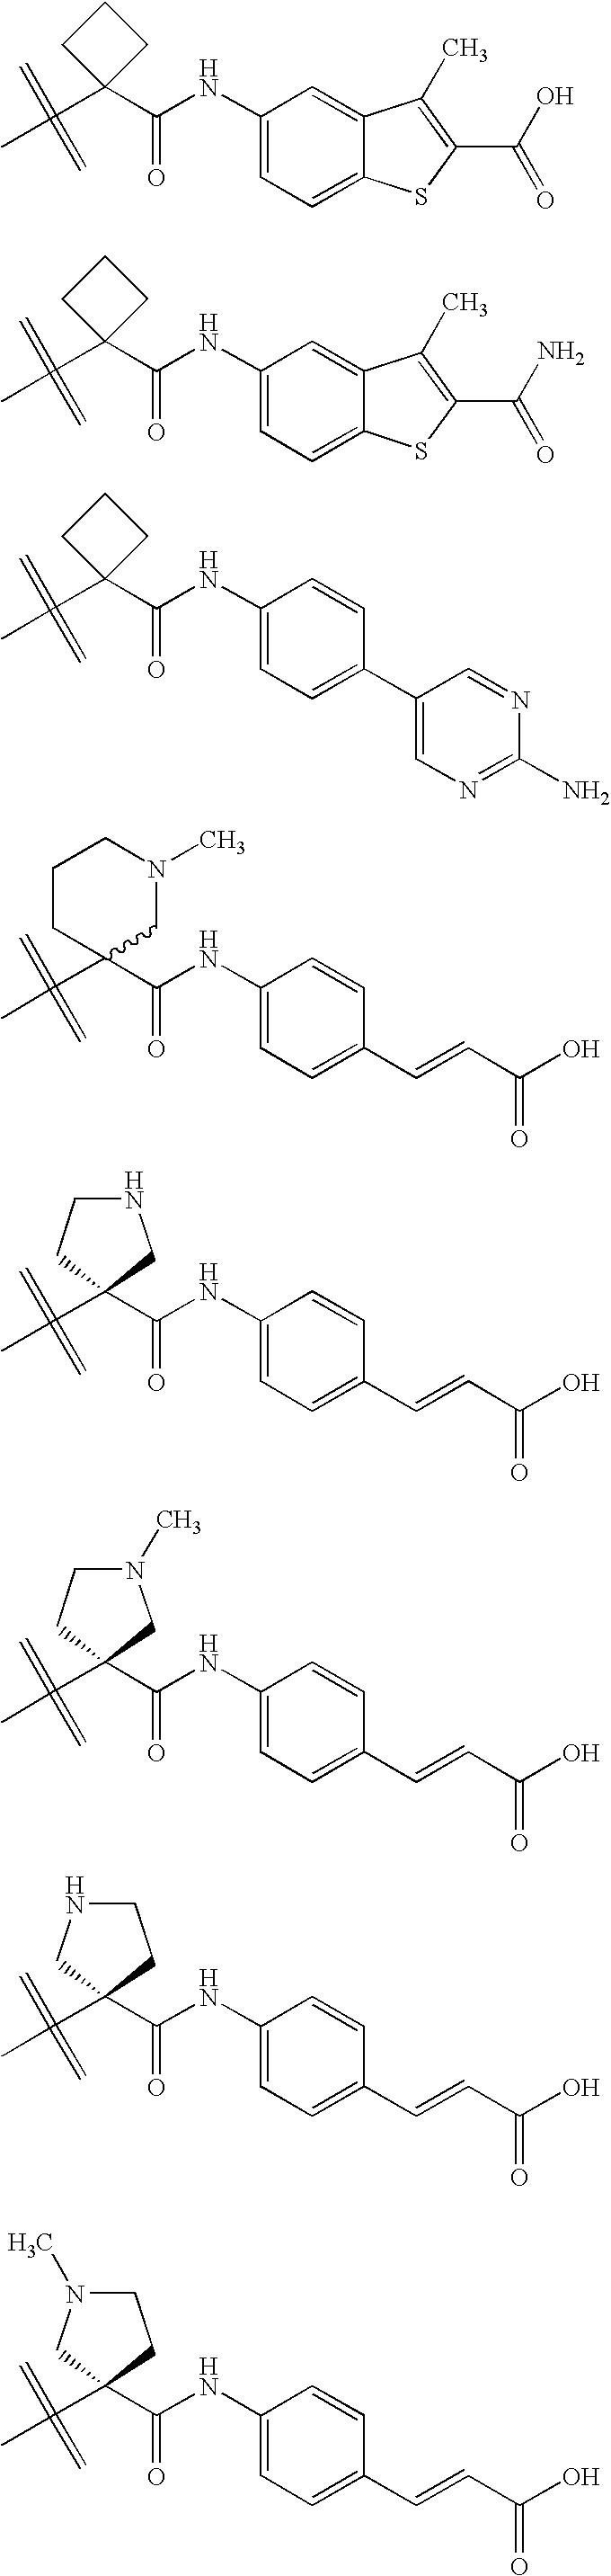 Figure US20070049593A1-20070301-C00160